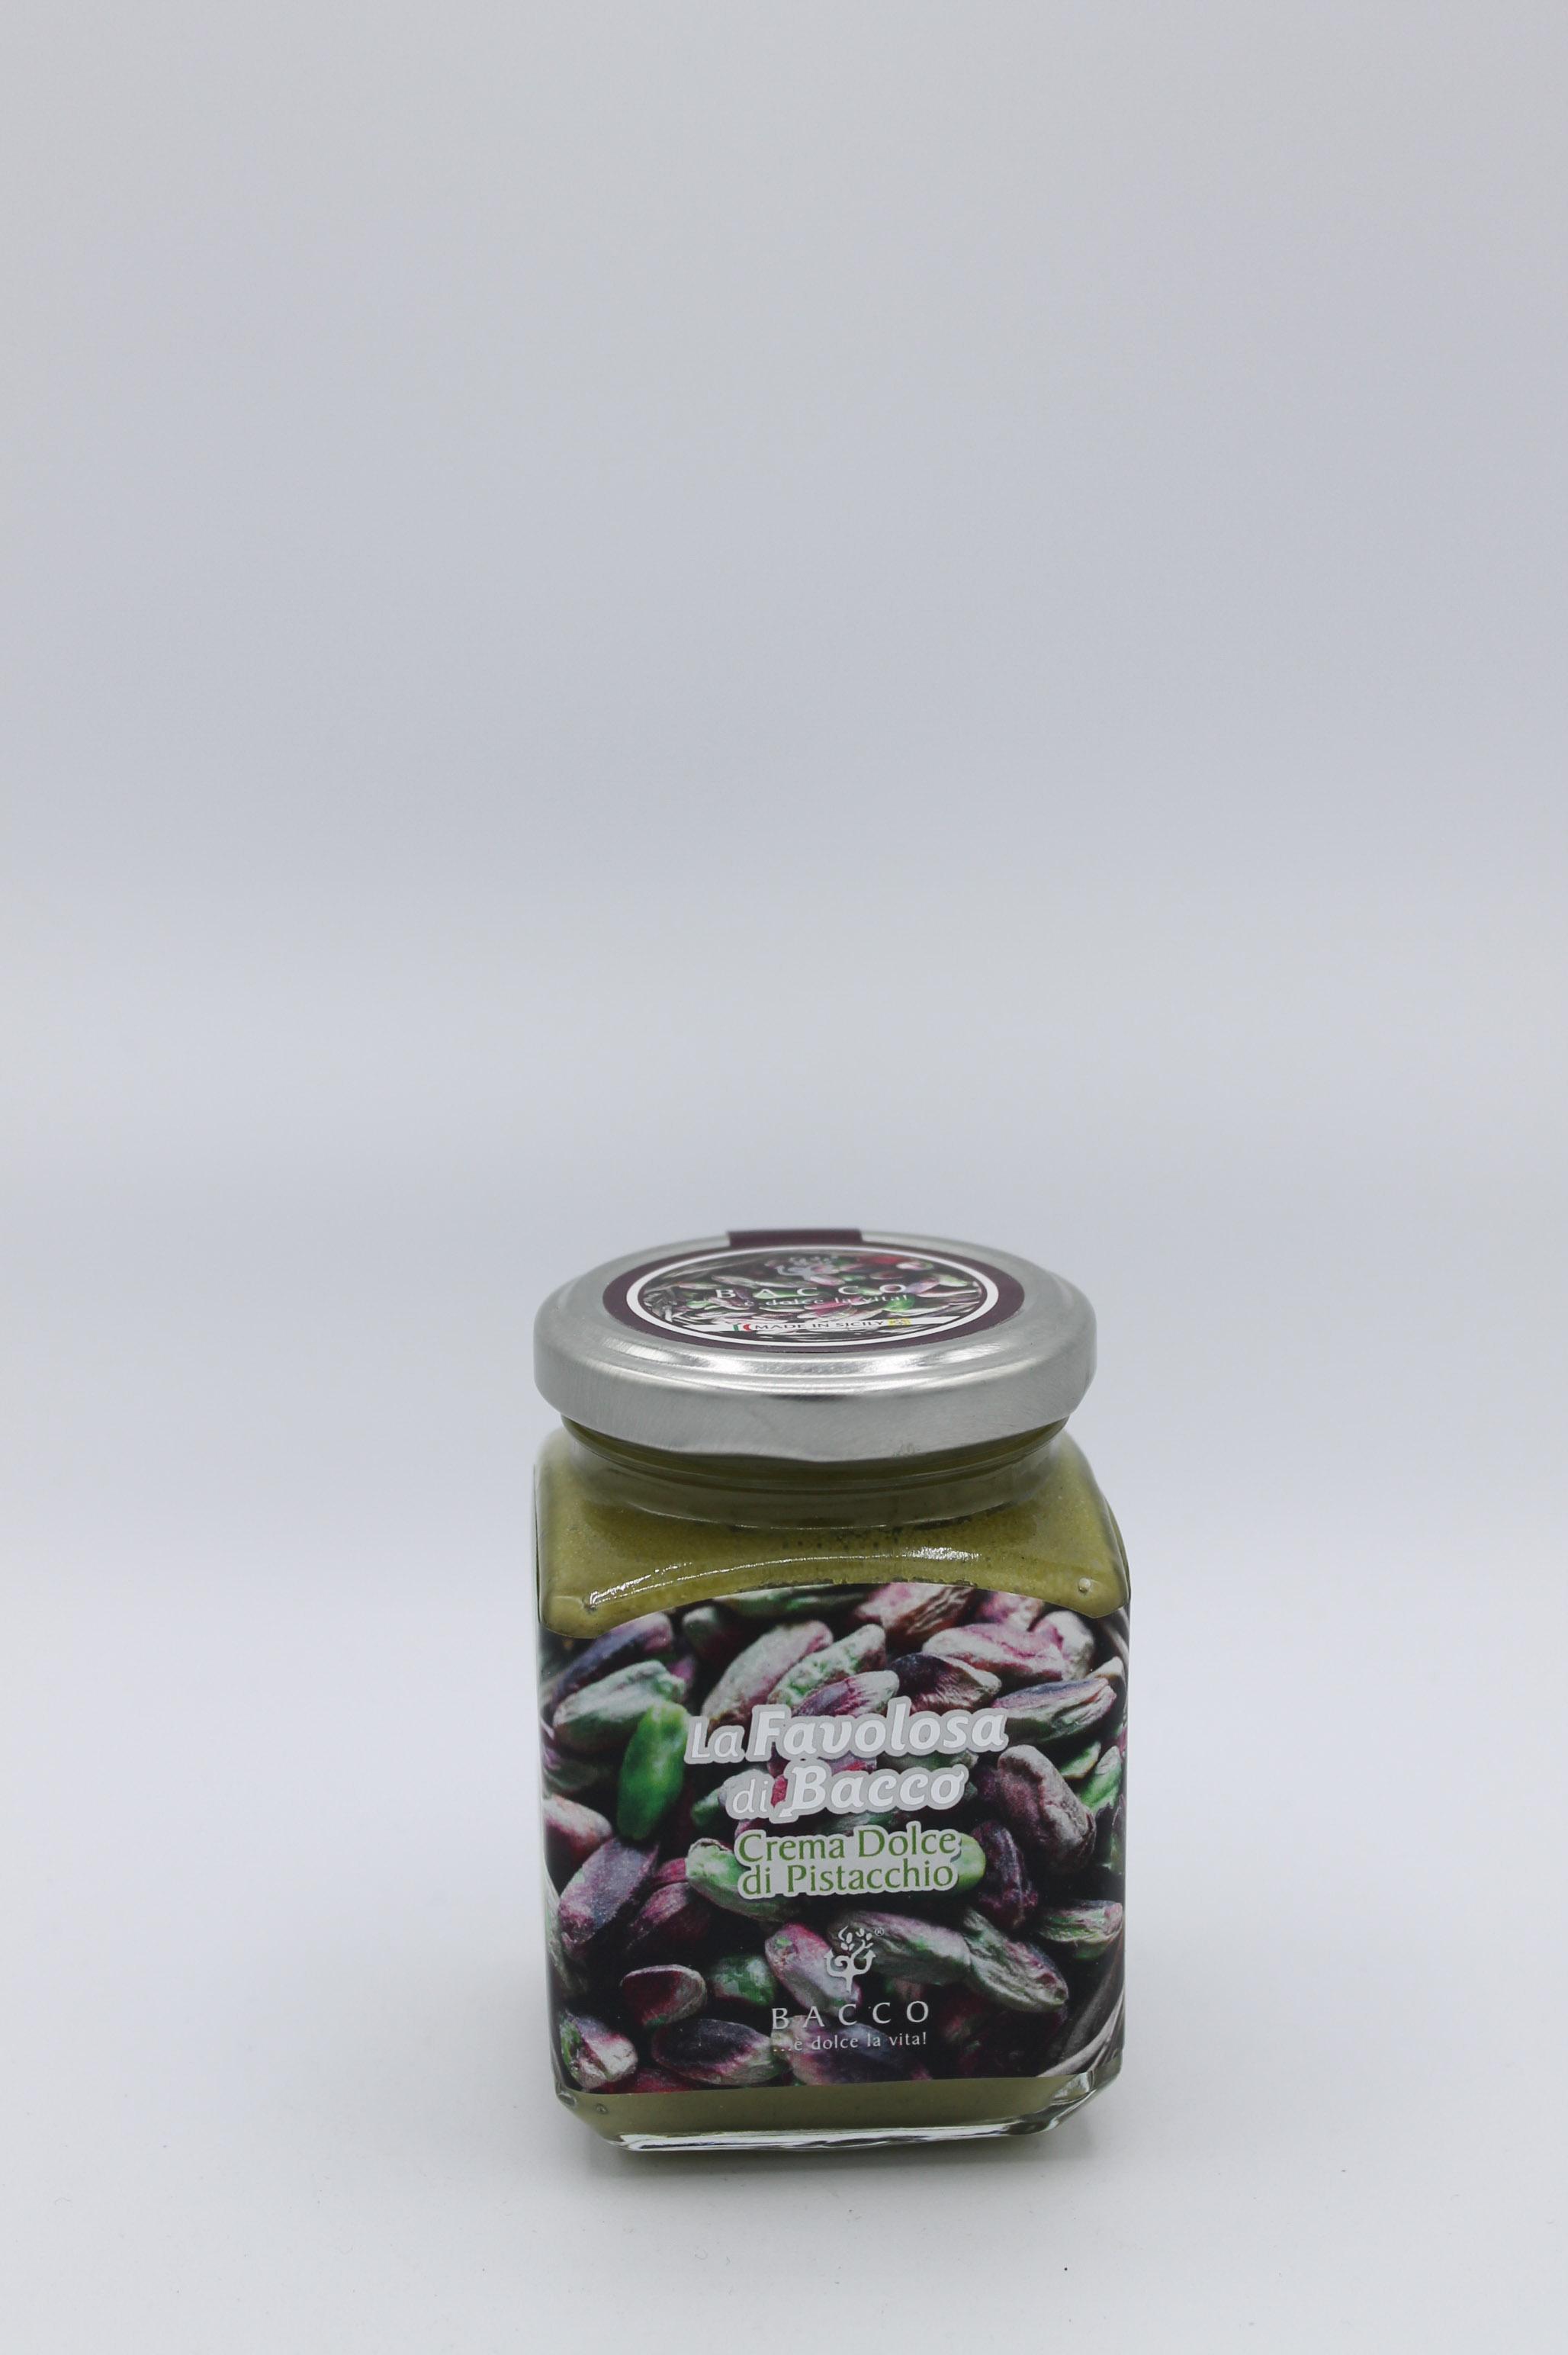 Bacco crema pistacchio 190 gr.